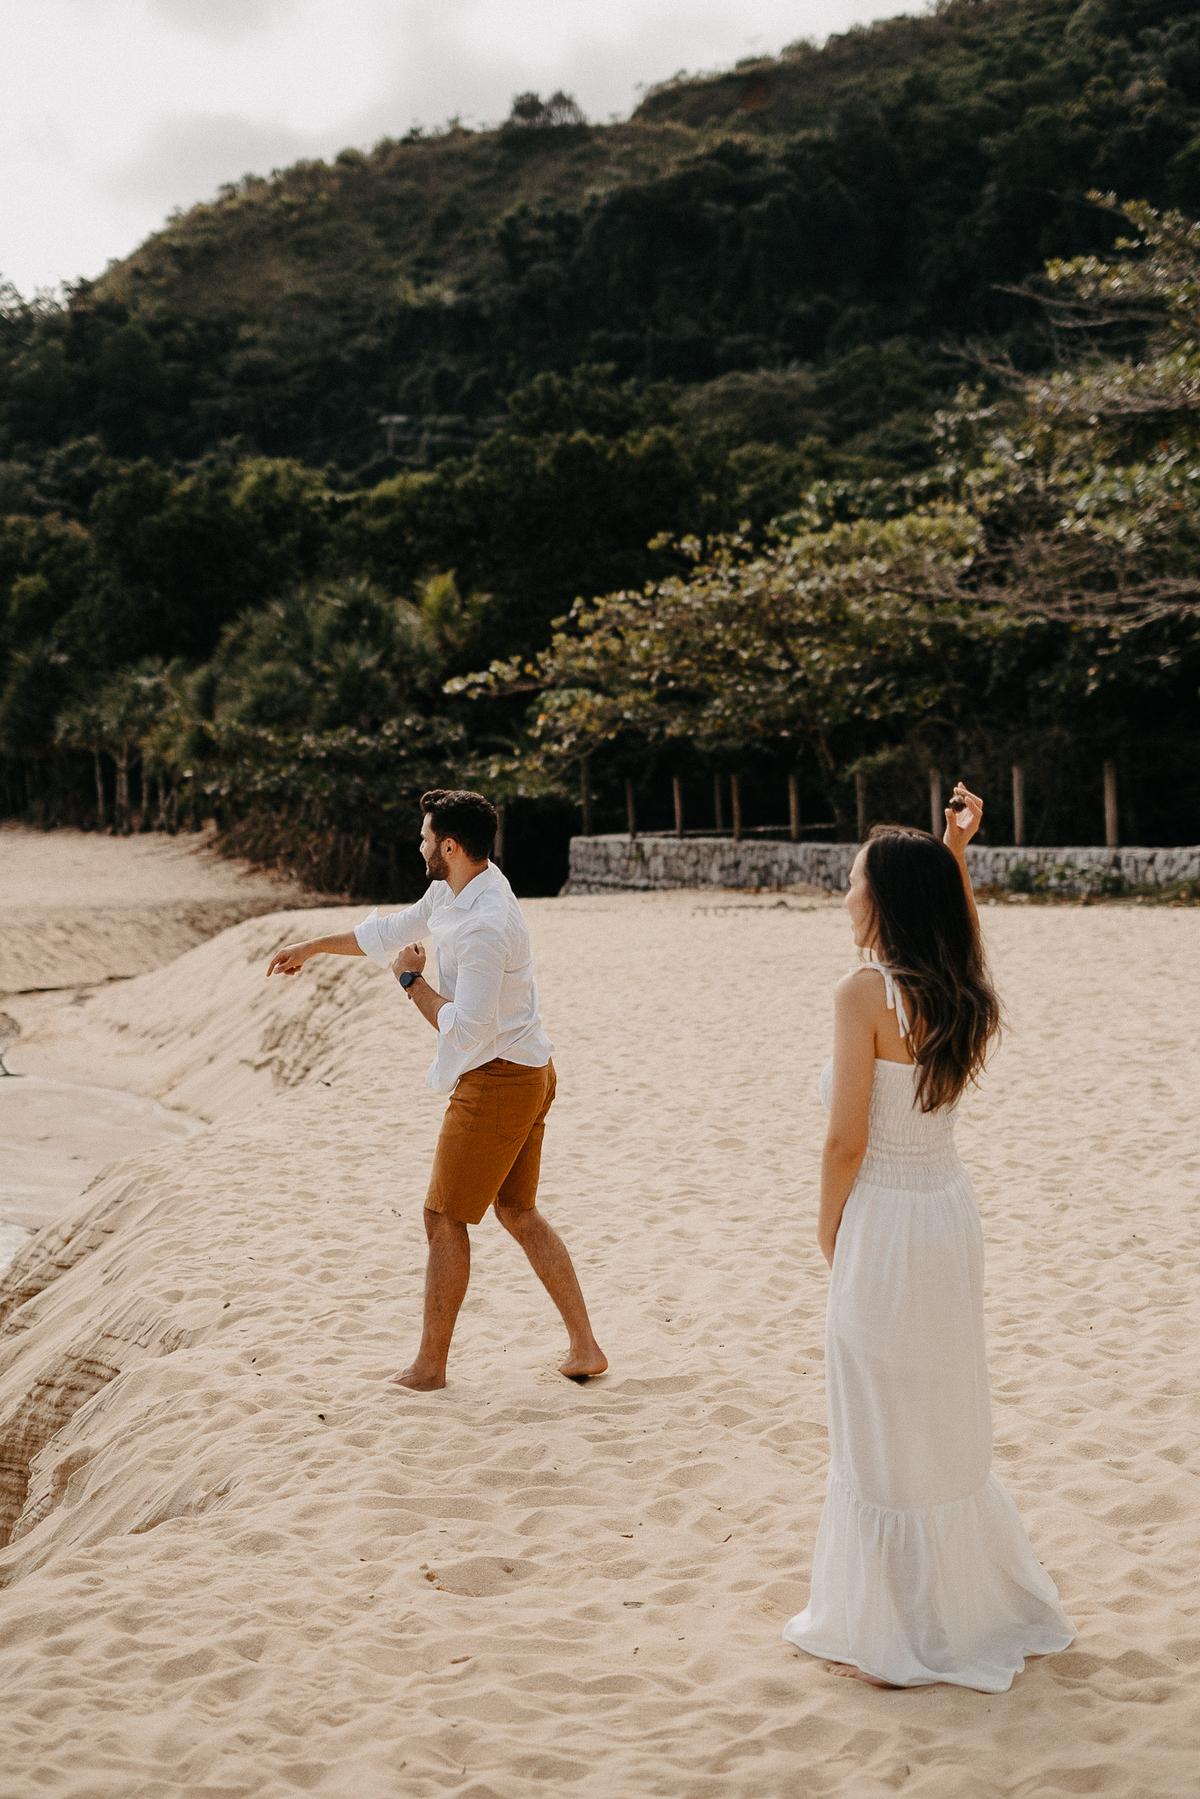 casamentos na praia casar em toque toque fotografos de casamento litoral norte ensaio pre casamento ao ar livre mini wedding casamentos na praia